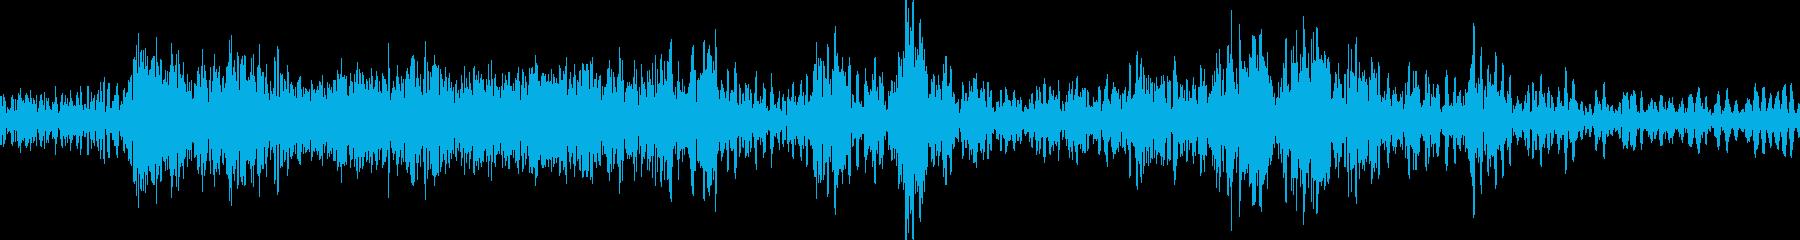 モーションコントロールからのモータ...の再生済みの波形